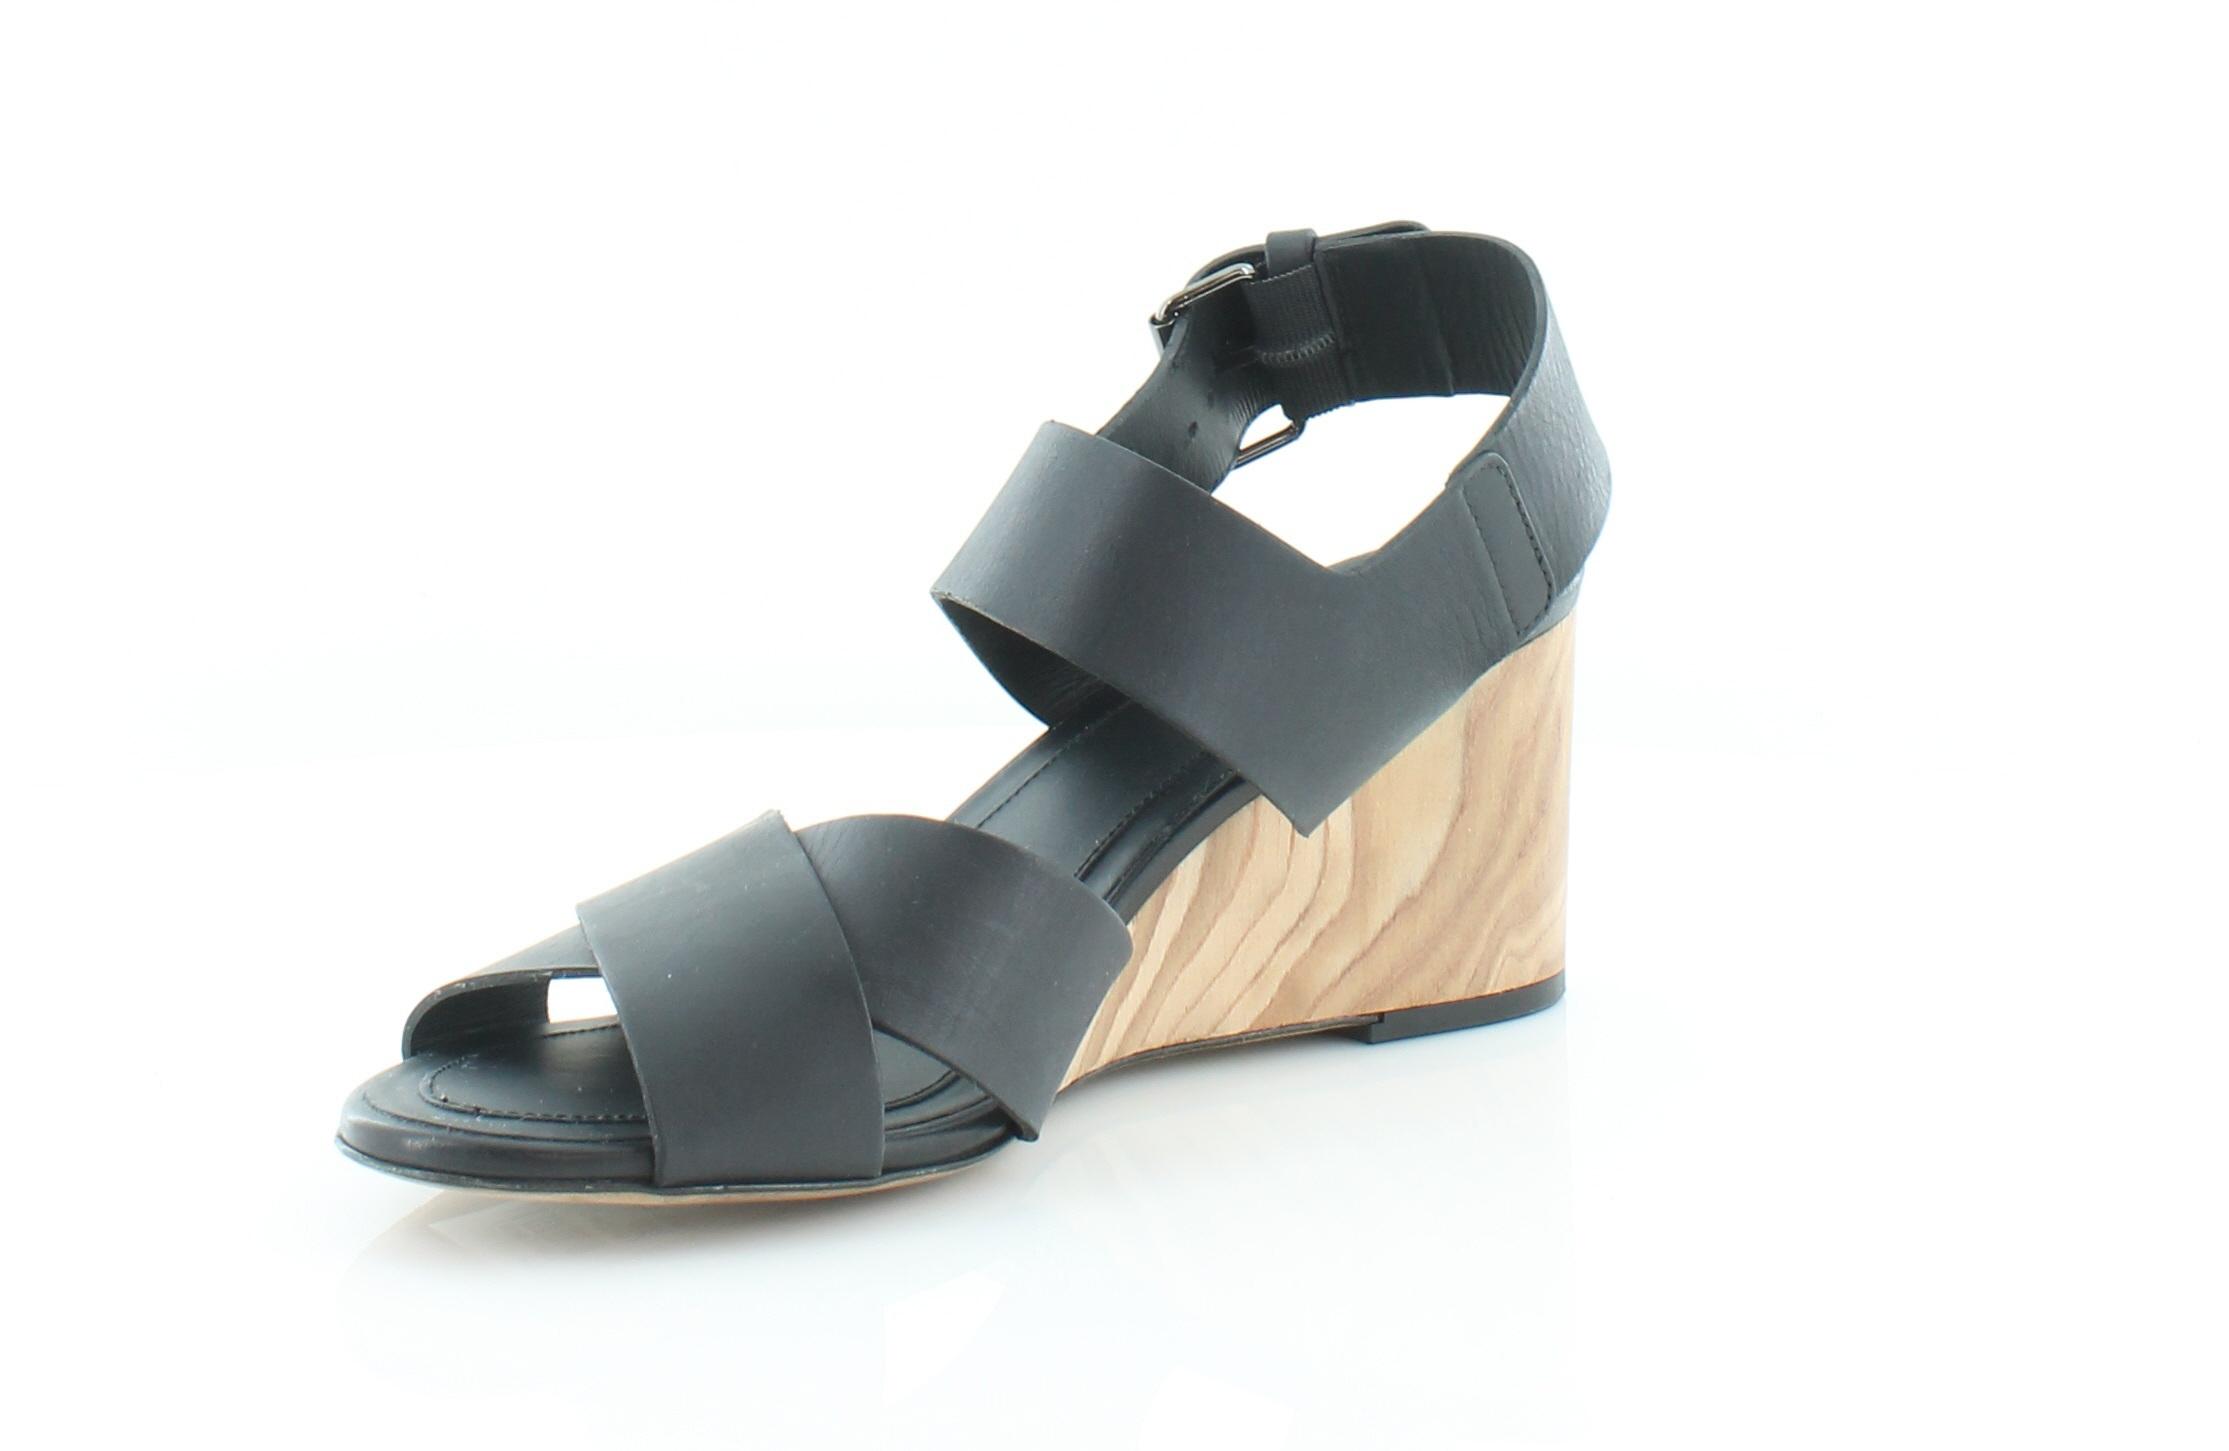 VINCE Gwyn Black Womens shoes Size 8.5 M Sandals Sandals Sandals MSRP  375 29520e